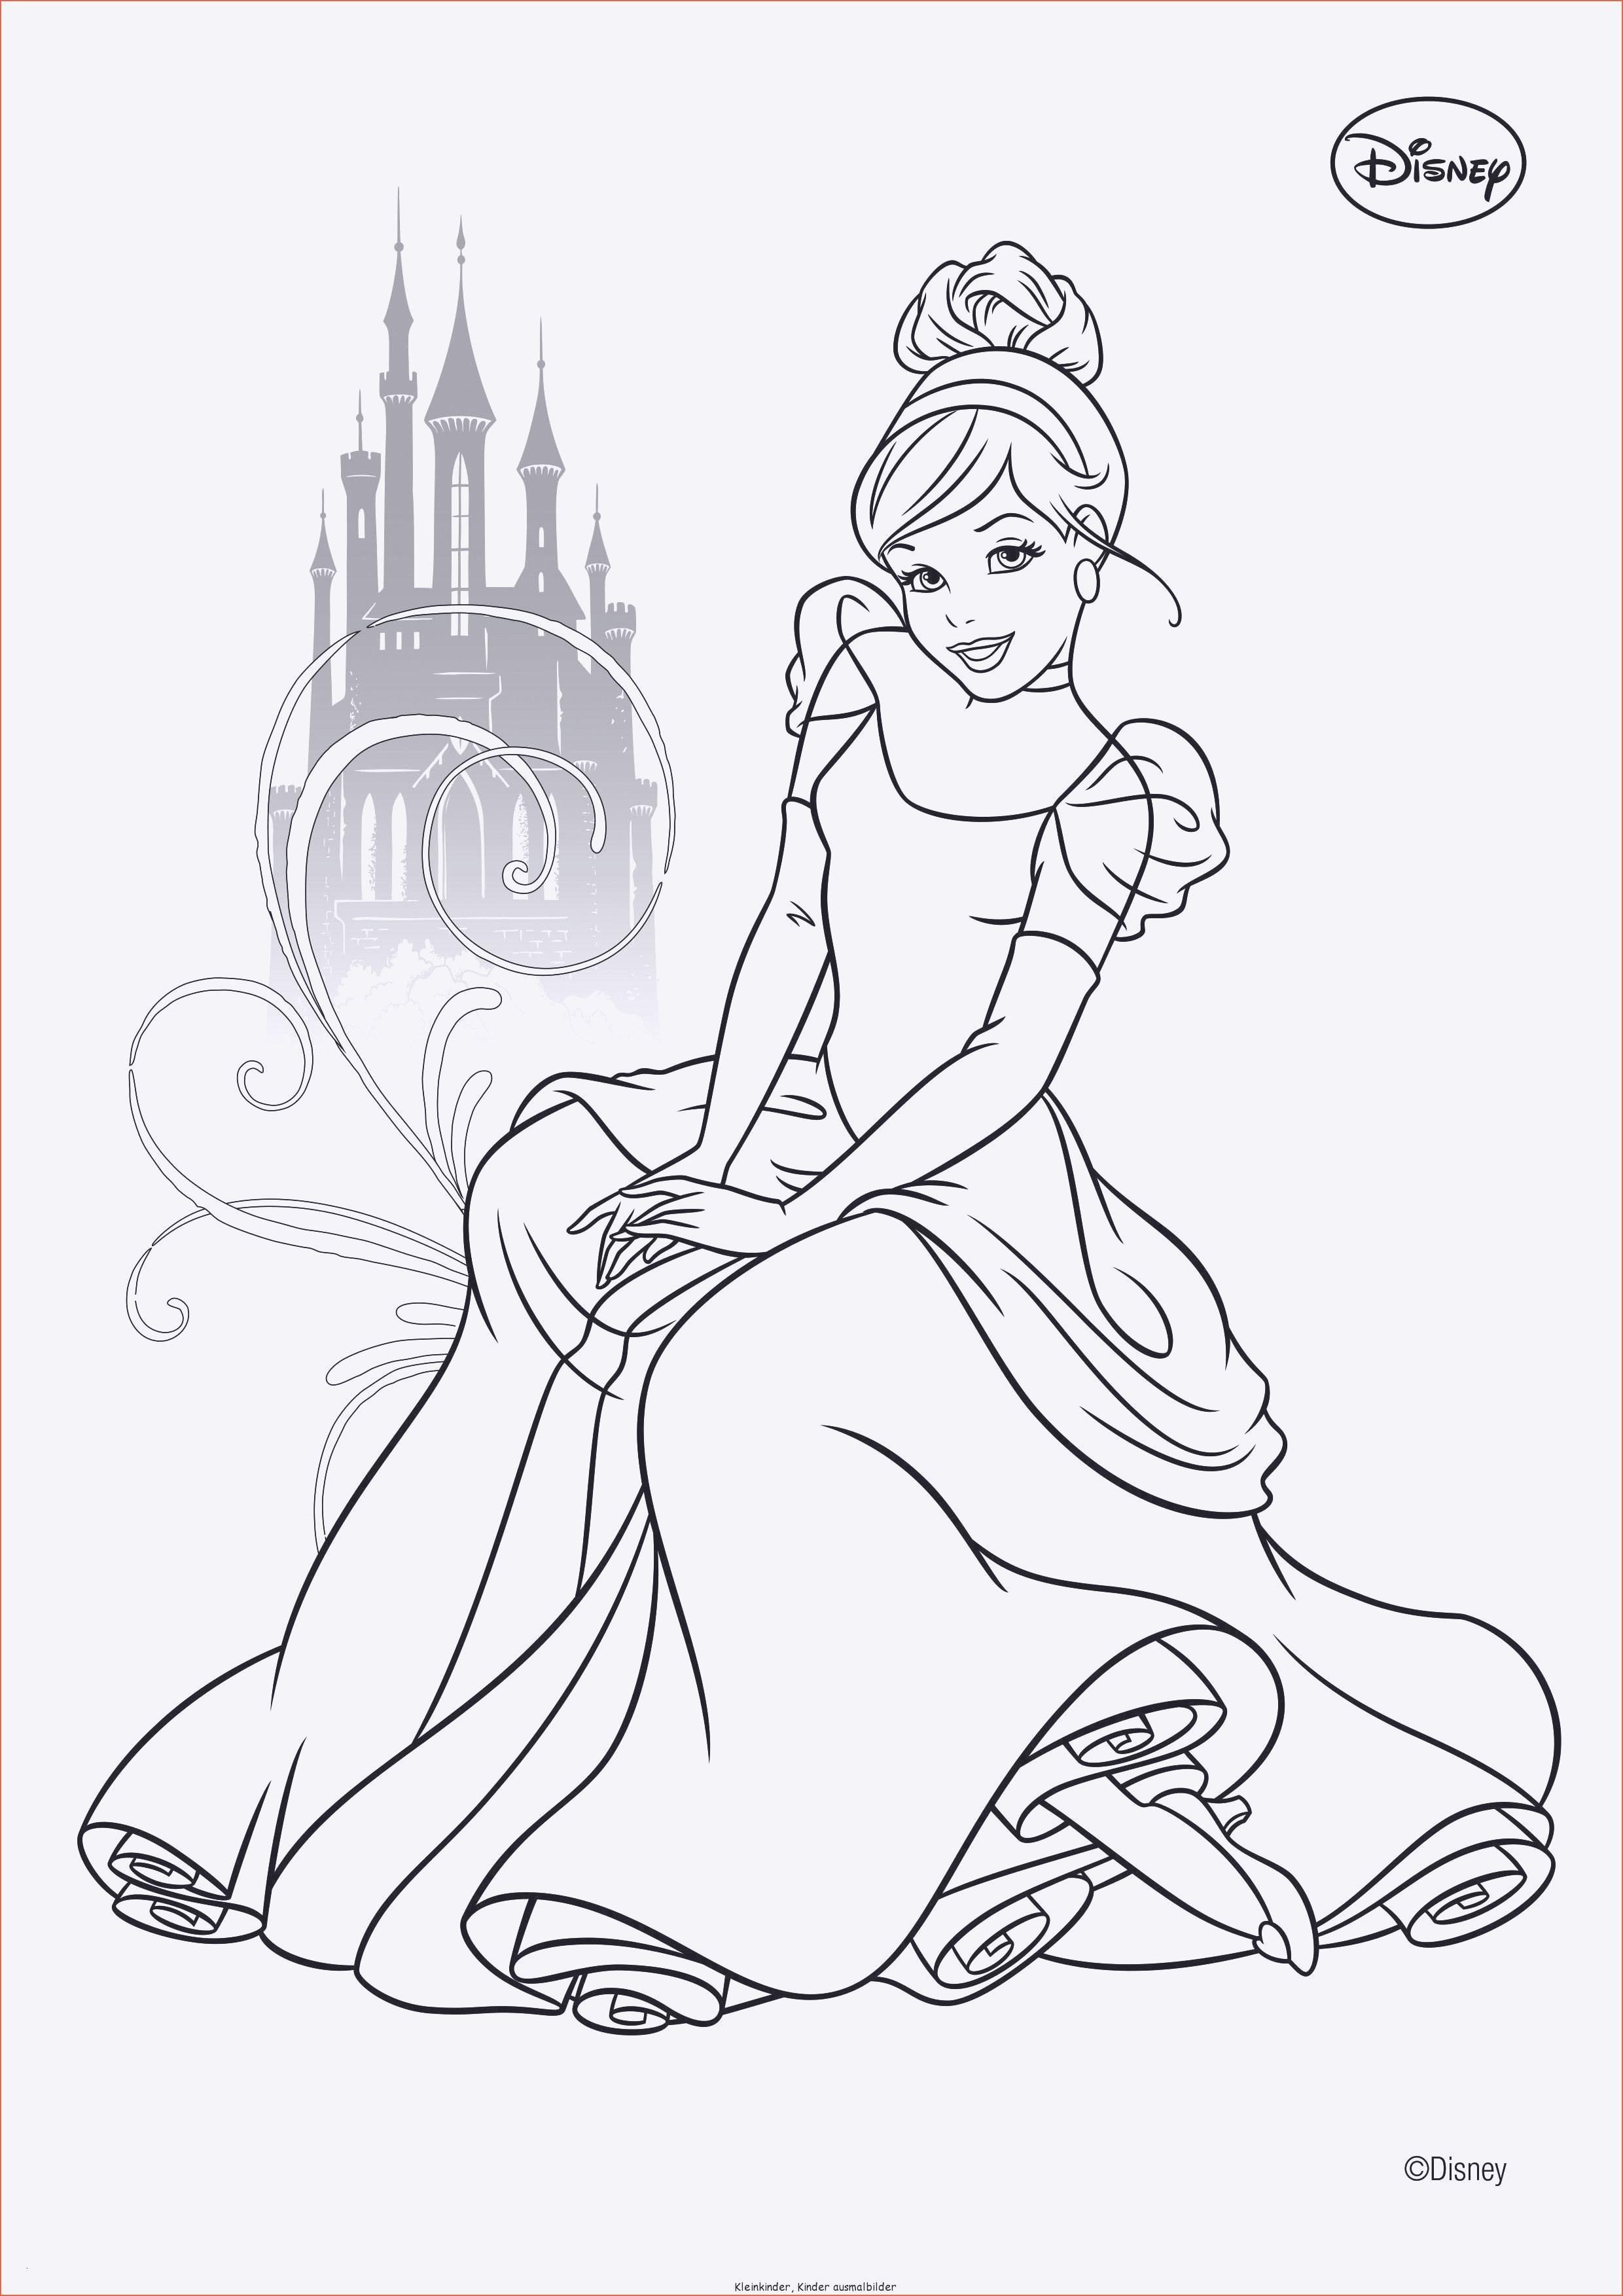 Prinzessin sofia Ausmalbilder Frisch 48 Elegant Ausmalbilder sofia Malvorlagen Sammlungen Stock